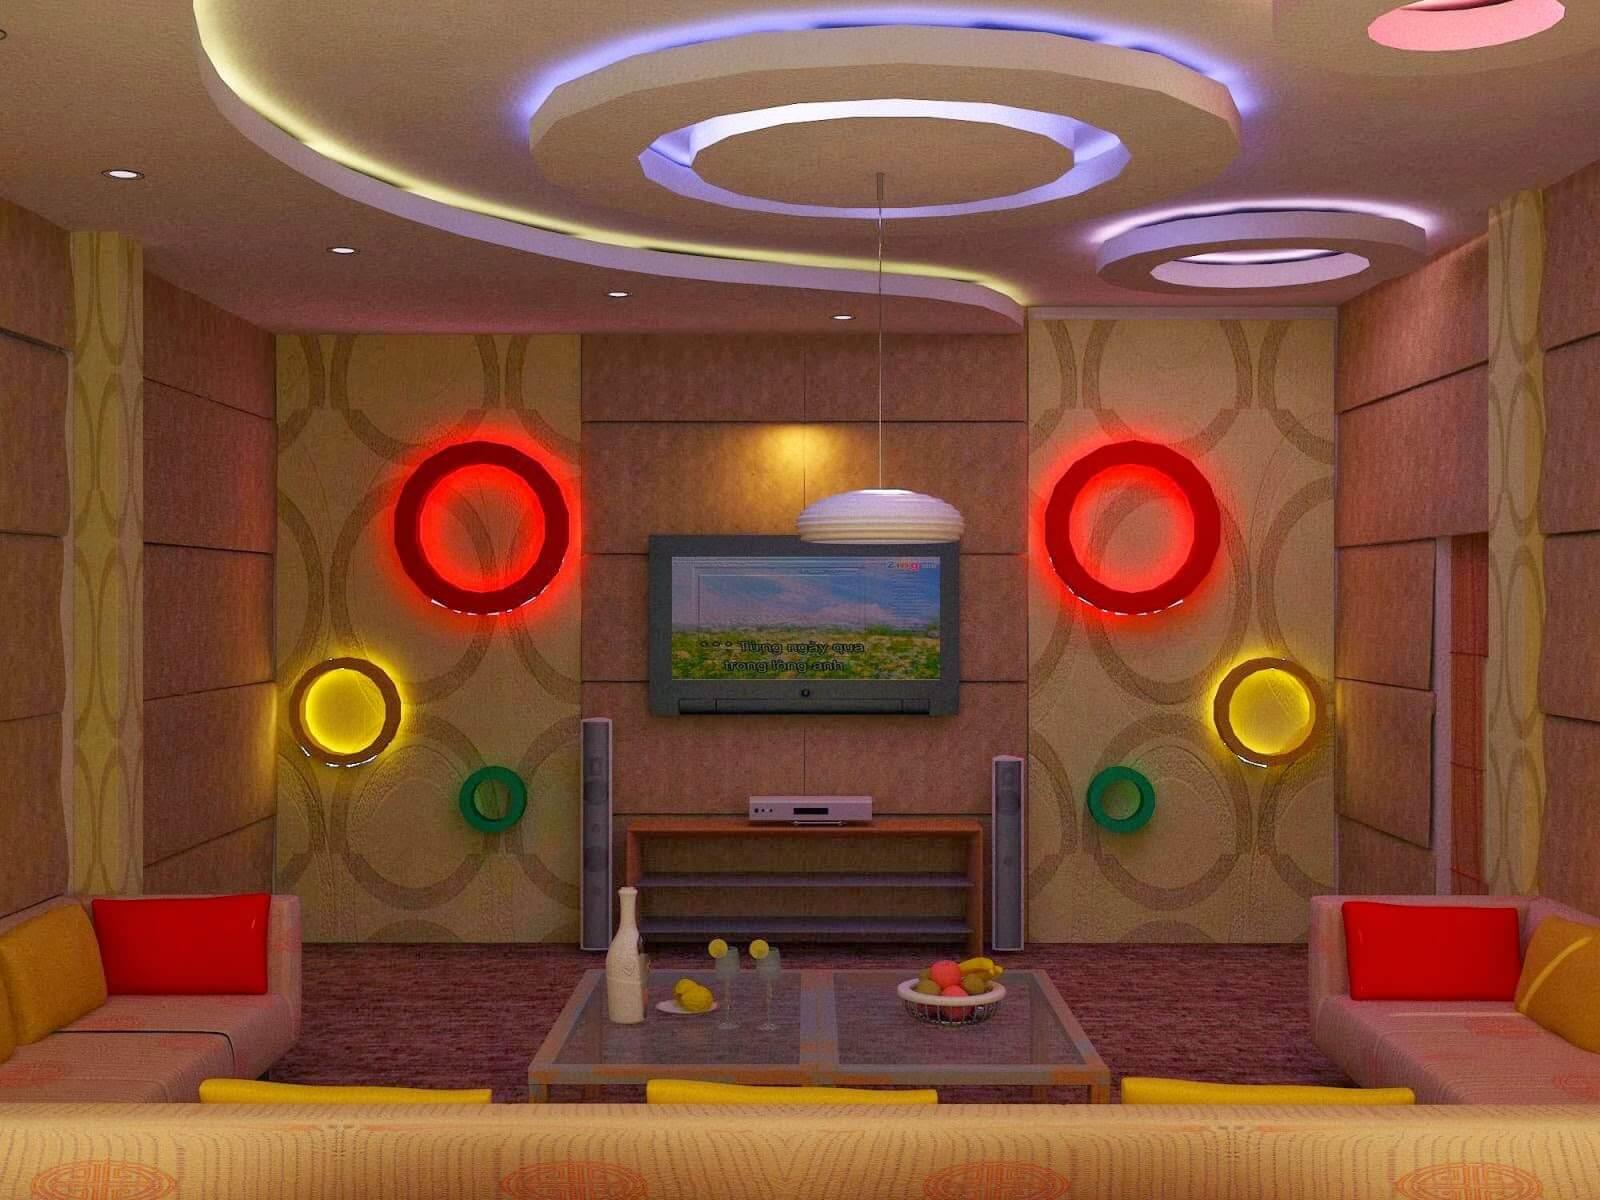 Nhận thiết kế thi công phòng karaoke đẹp giá rẻ tại tphcm